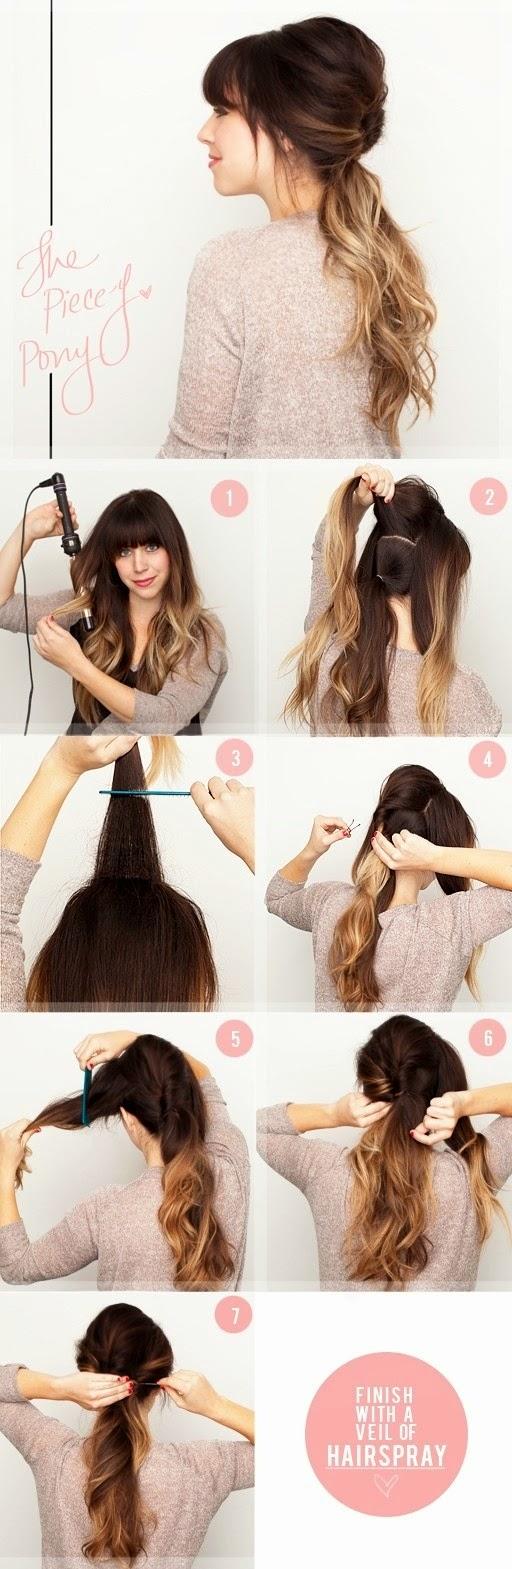 24 Jenis Kepang Rambut Yang Bakal Buat Kamu Jadi Pusat Perhatian